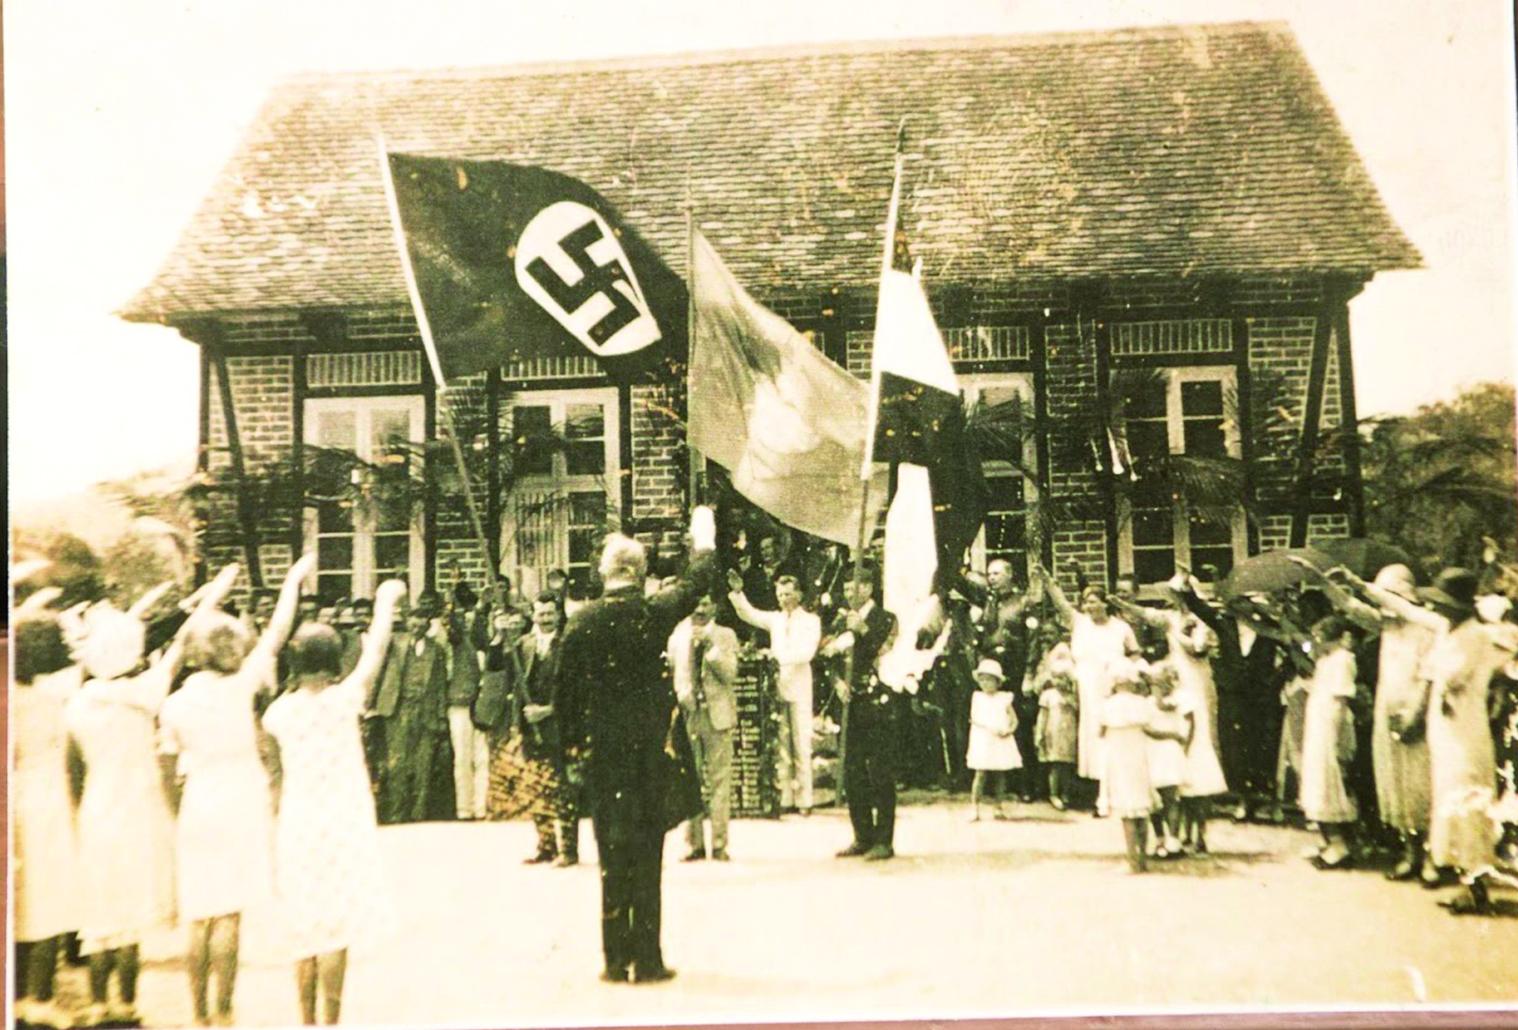 Evento em que aparece a suástiza nazista na região de Blumenau - Divulgação/ND